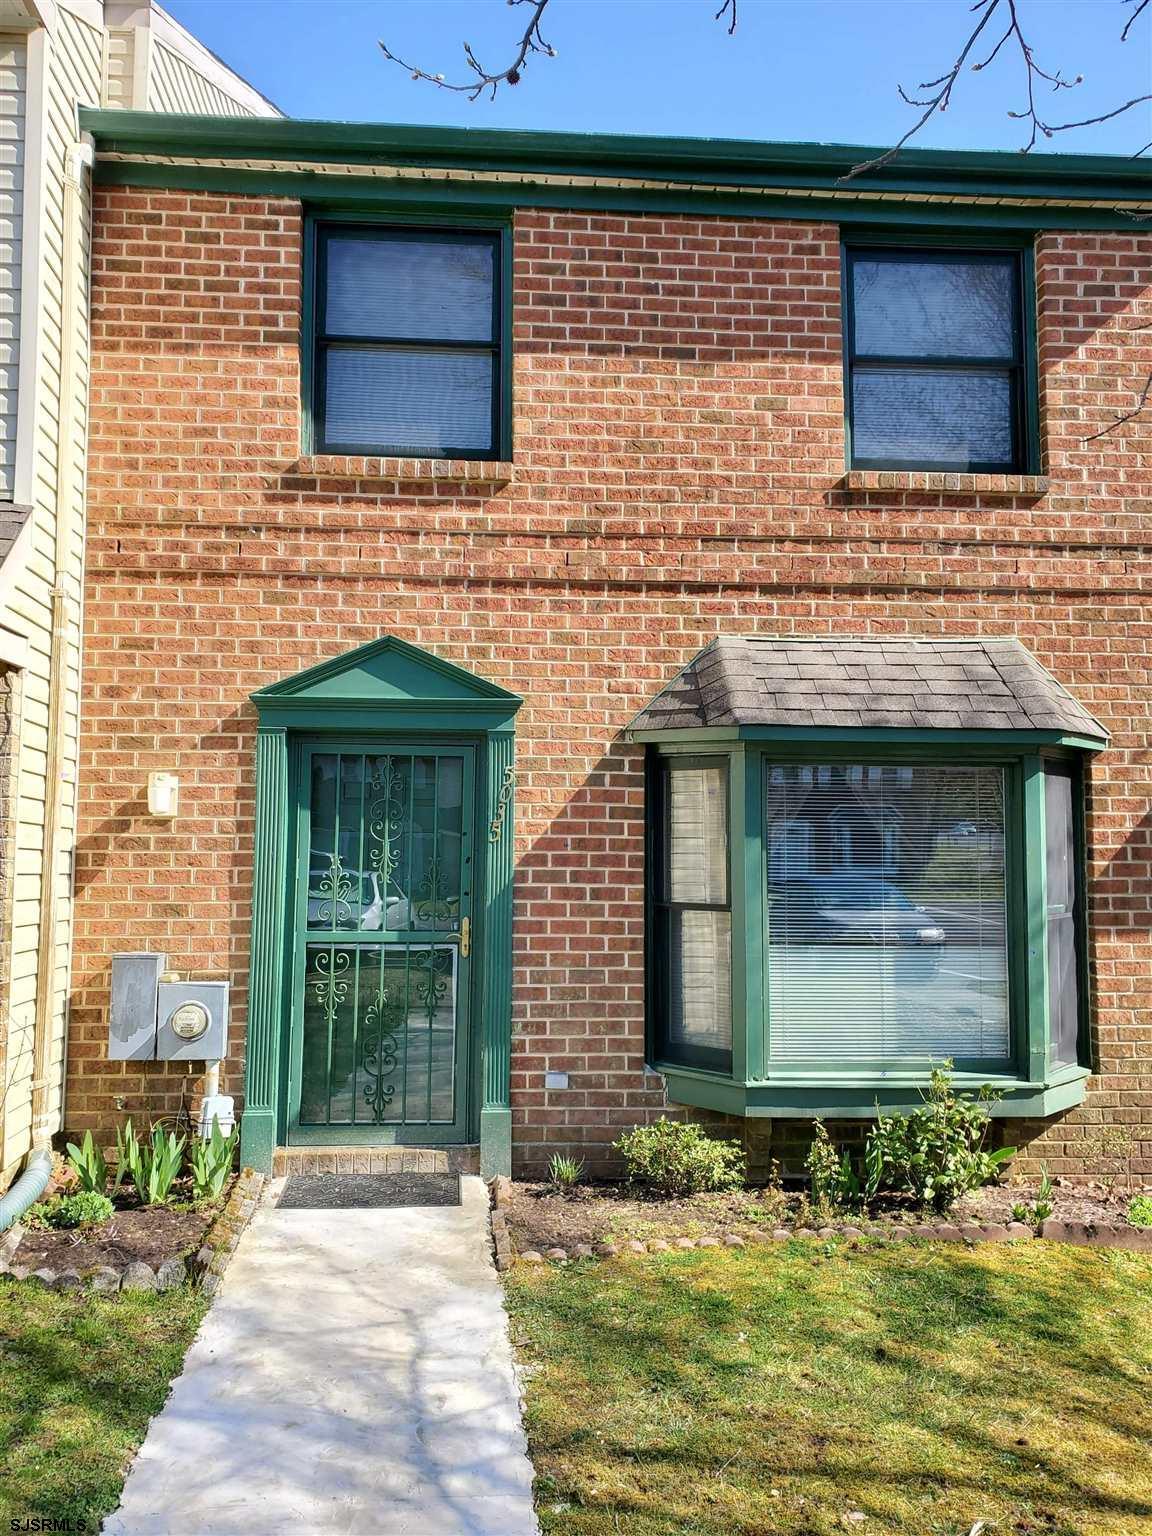 TOWNHOUSE IN OAKCREST 3 BEDROOMS 2 1/2 BATH  WITH BAMBOO HARDWOOD FLOOR,2 FLOOR IS CARPET. FAMILY RO